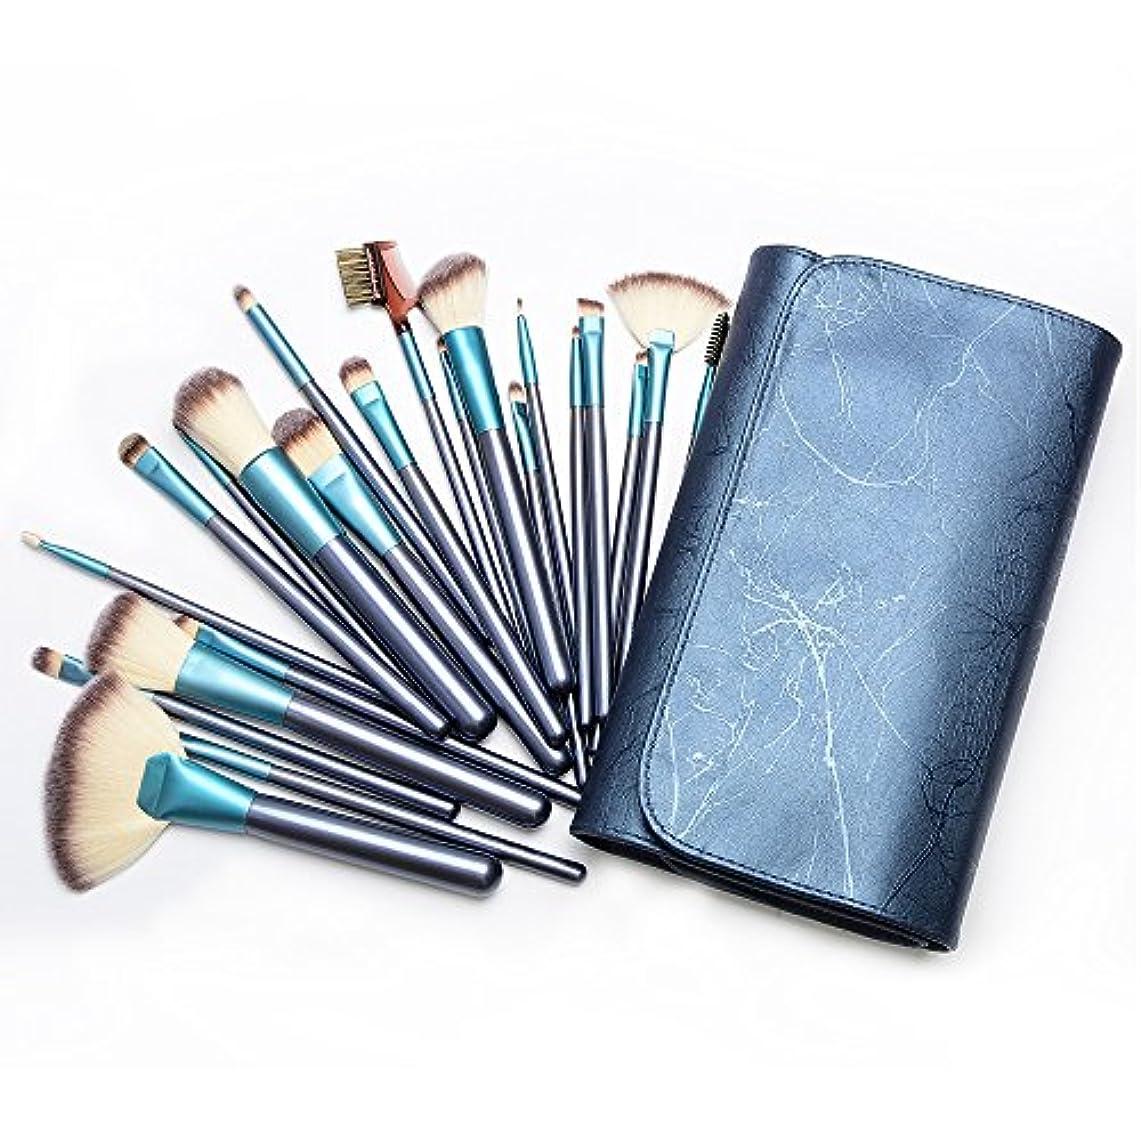 必要としている寛容農場メイクブラシ 化粧筆 22本セット 高級繊維毛 高級木材柄 アルミニウム管 化粧ポーチ付き (ブルー)